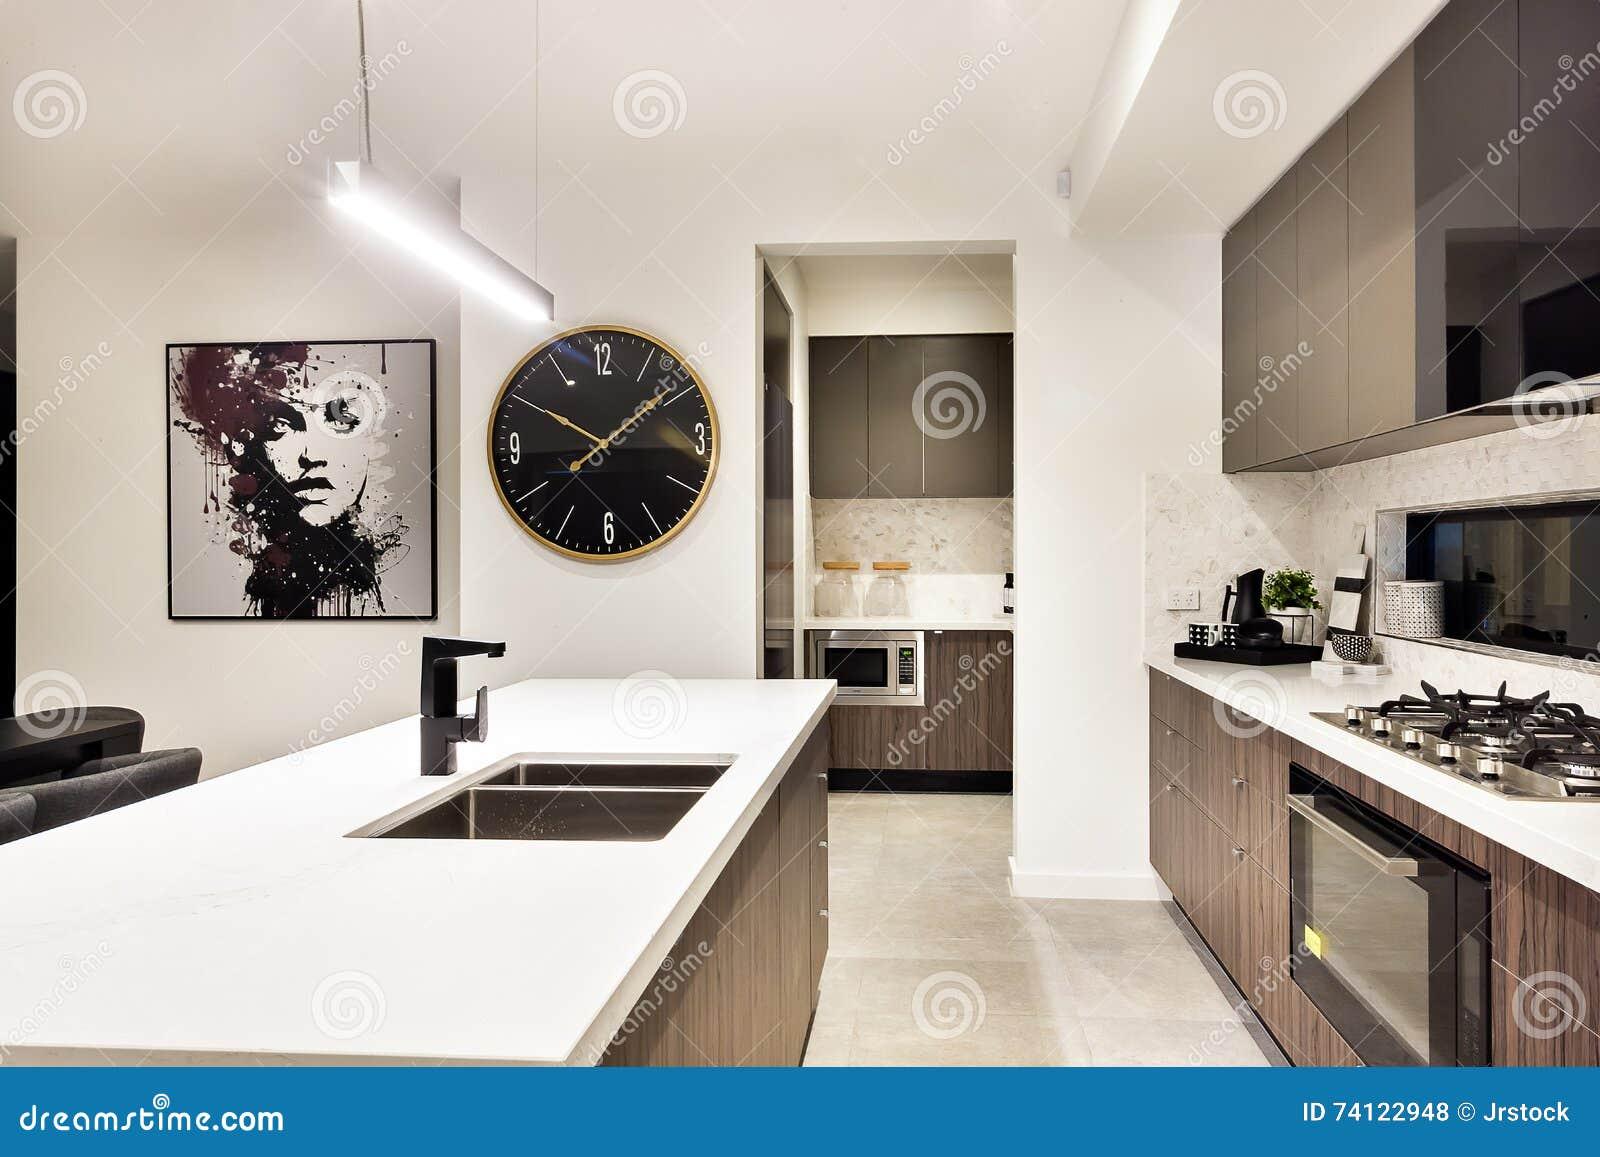 Plan rapproché moderne de partie supérieure du comptoir de cuisine avec un fourneau et une montre